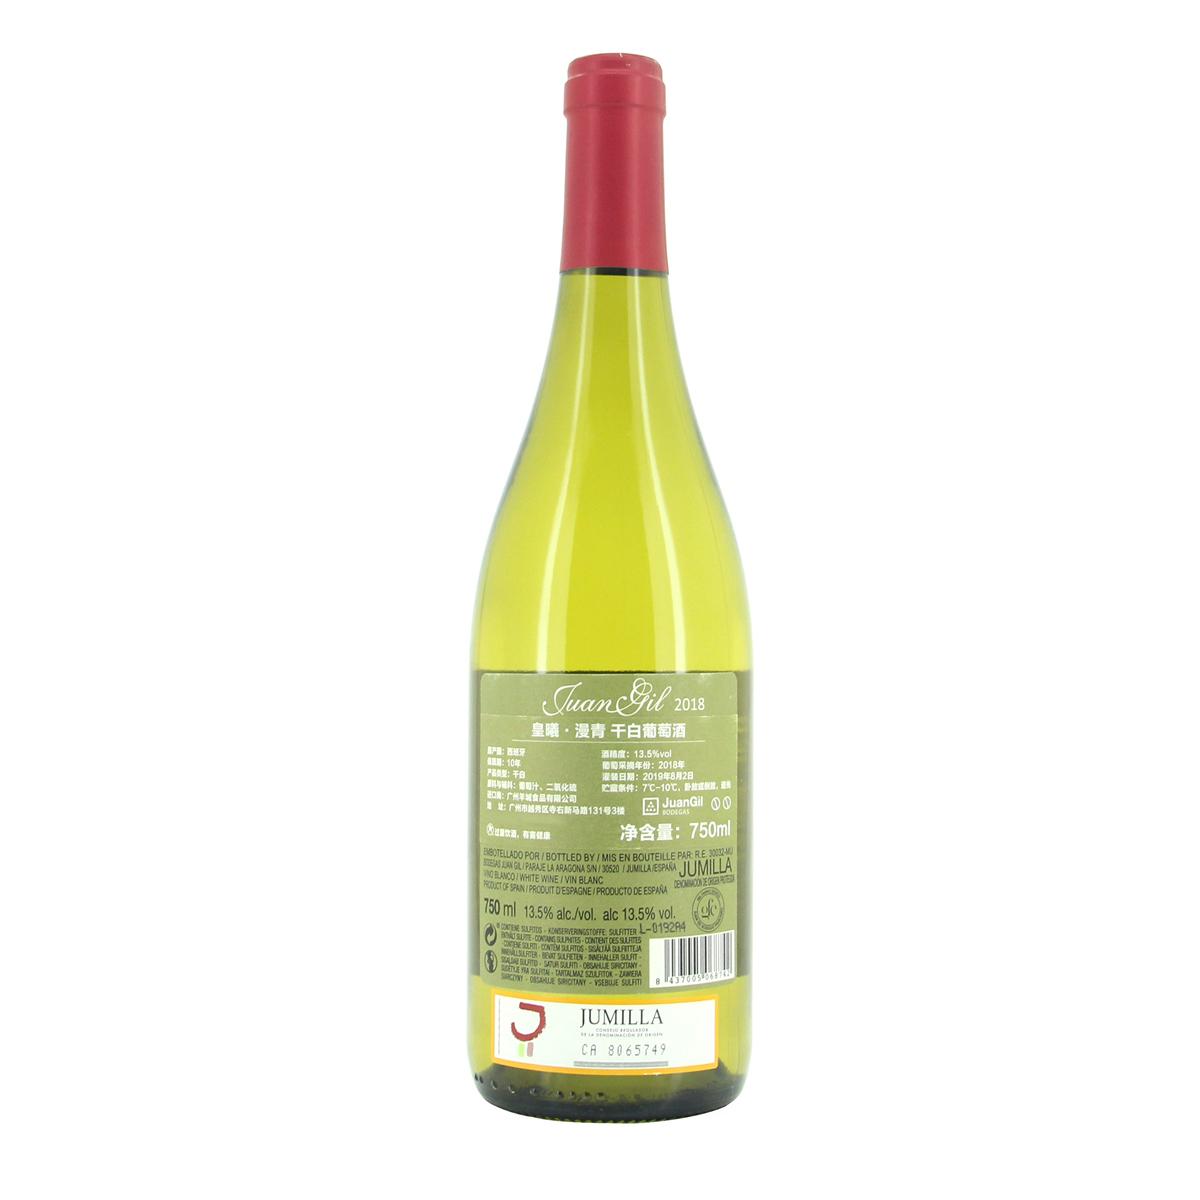 西班牙胡米利亚皇曦·漫青莫斯卡托干白葡萄酒